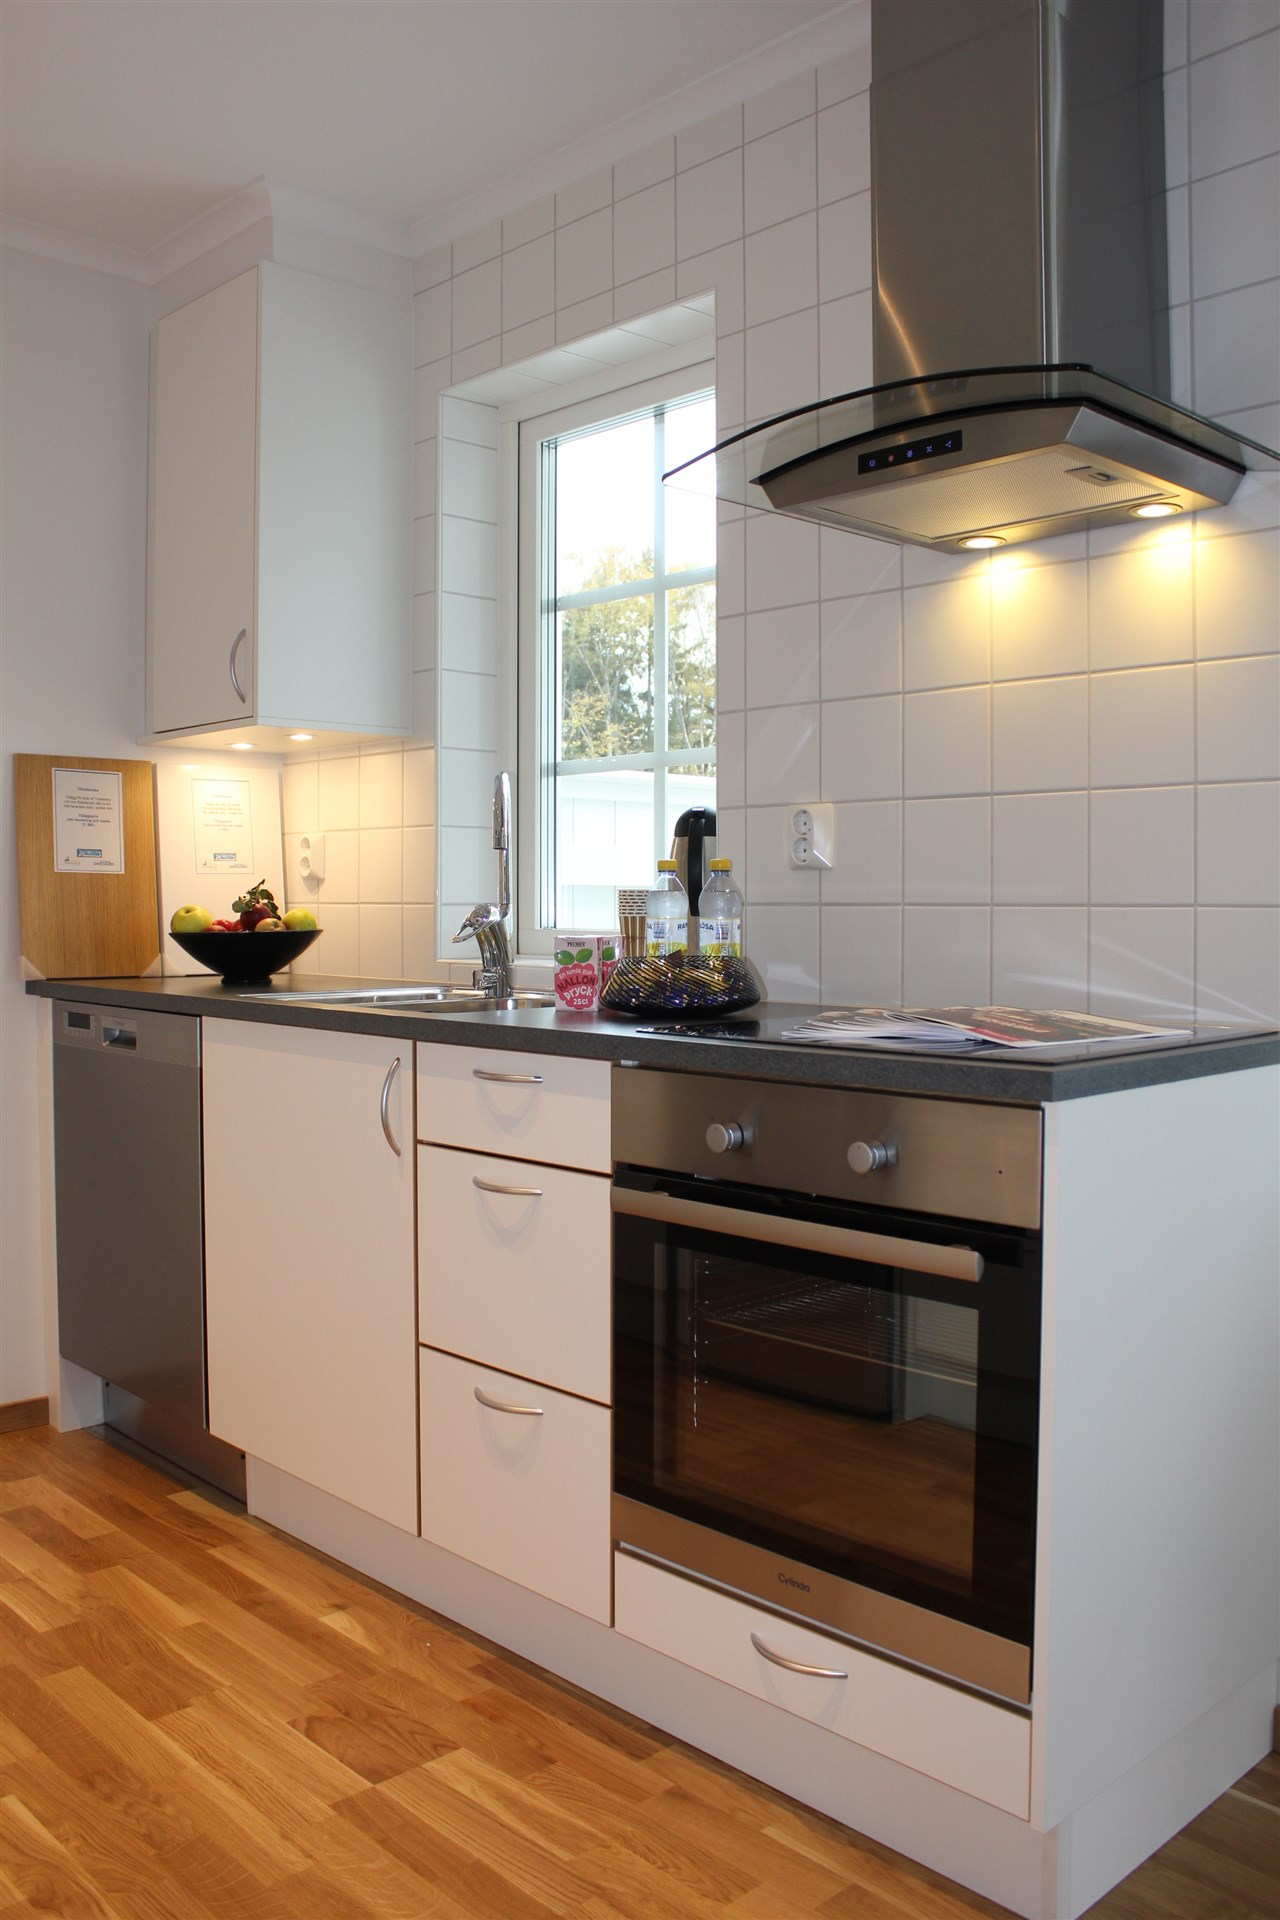 Kök med diskbänk intill fönster